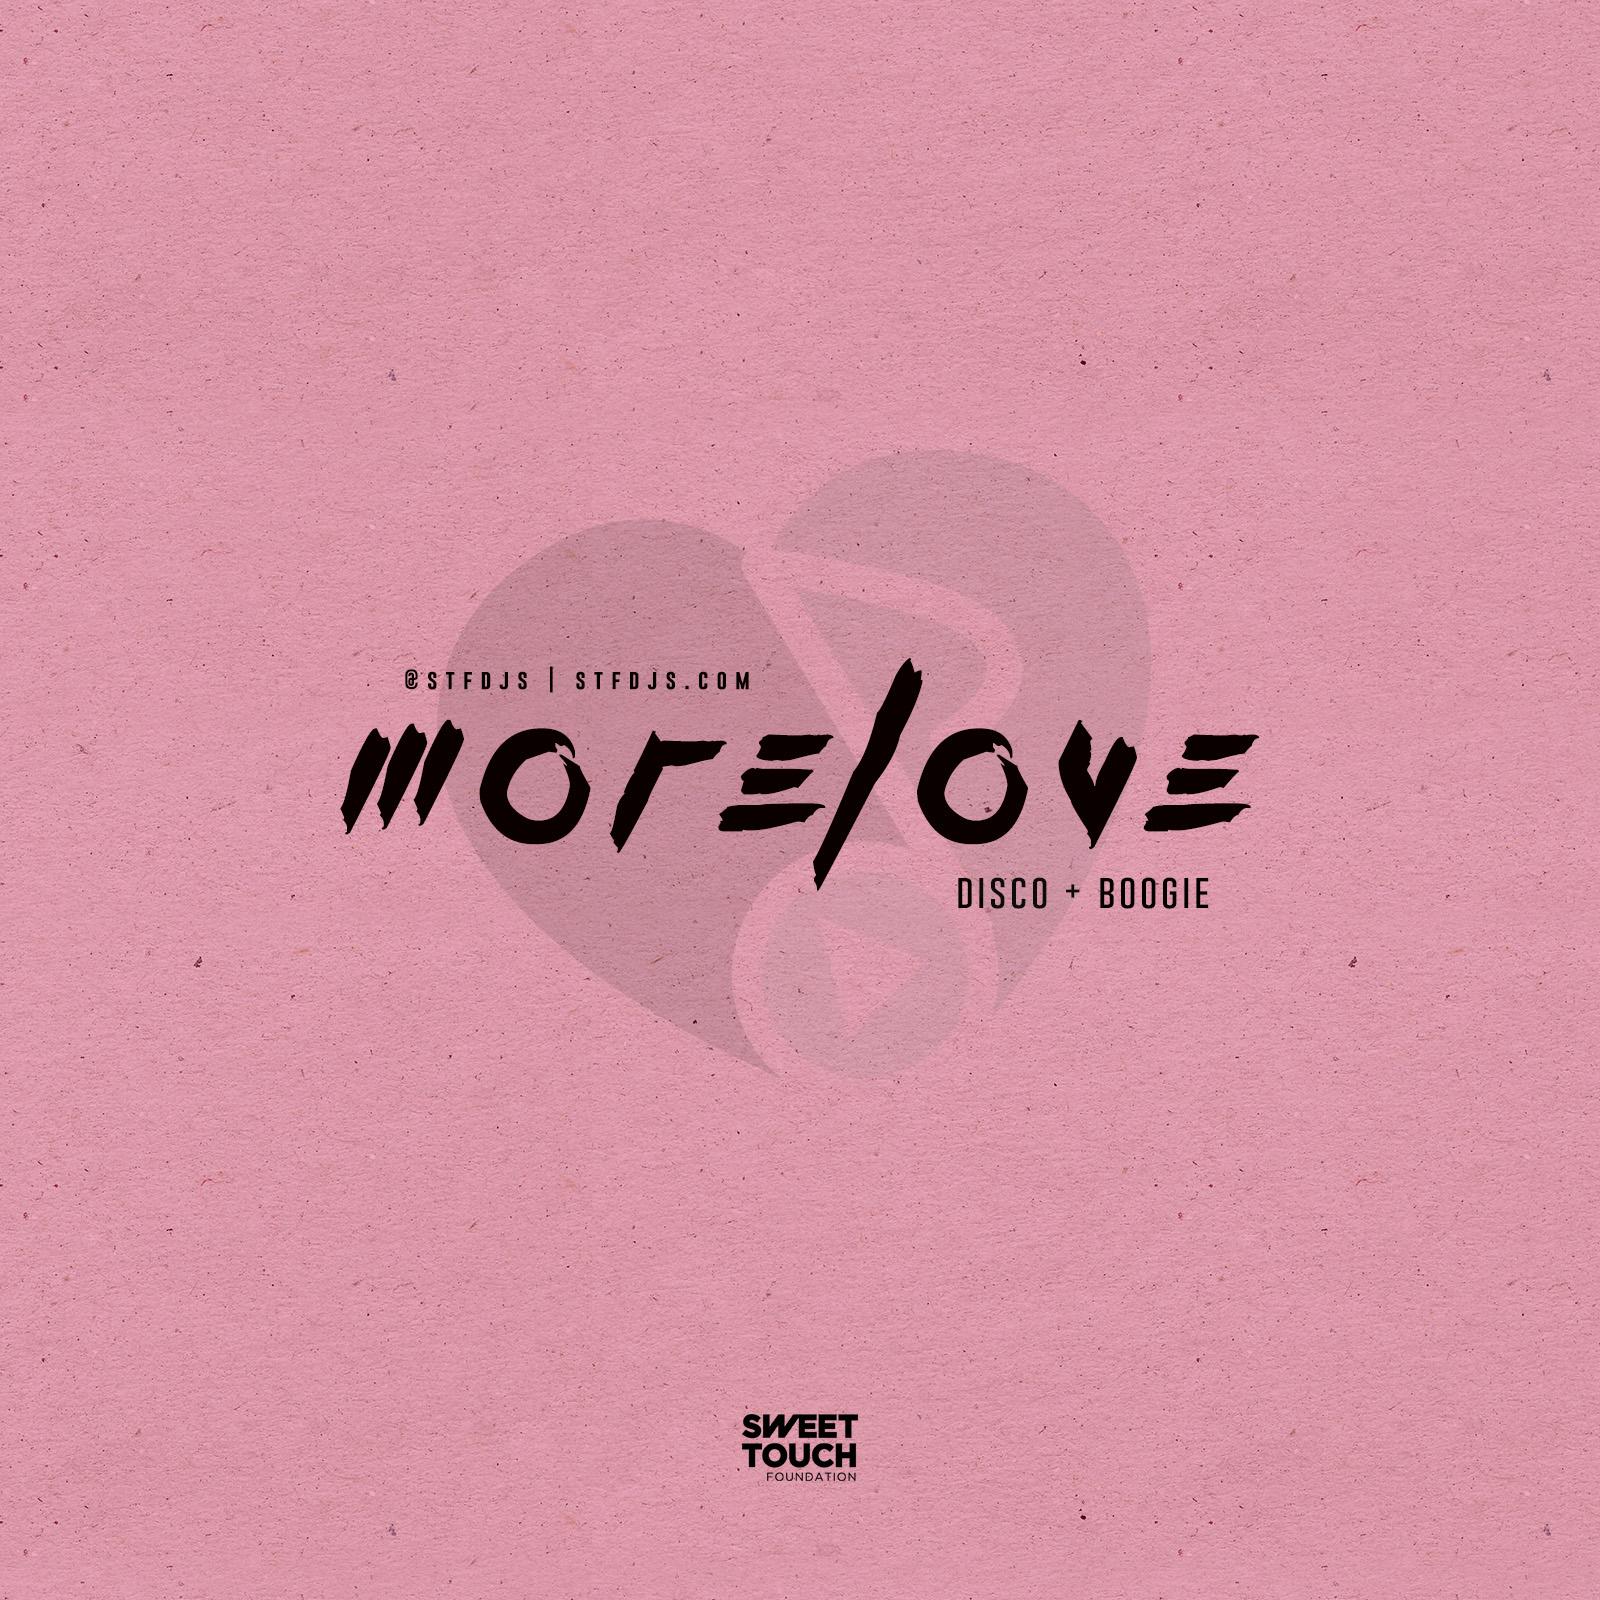 MORELOVE_HEART.jpg